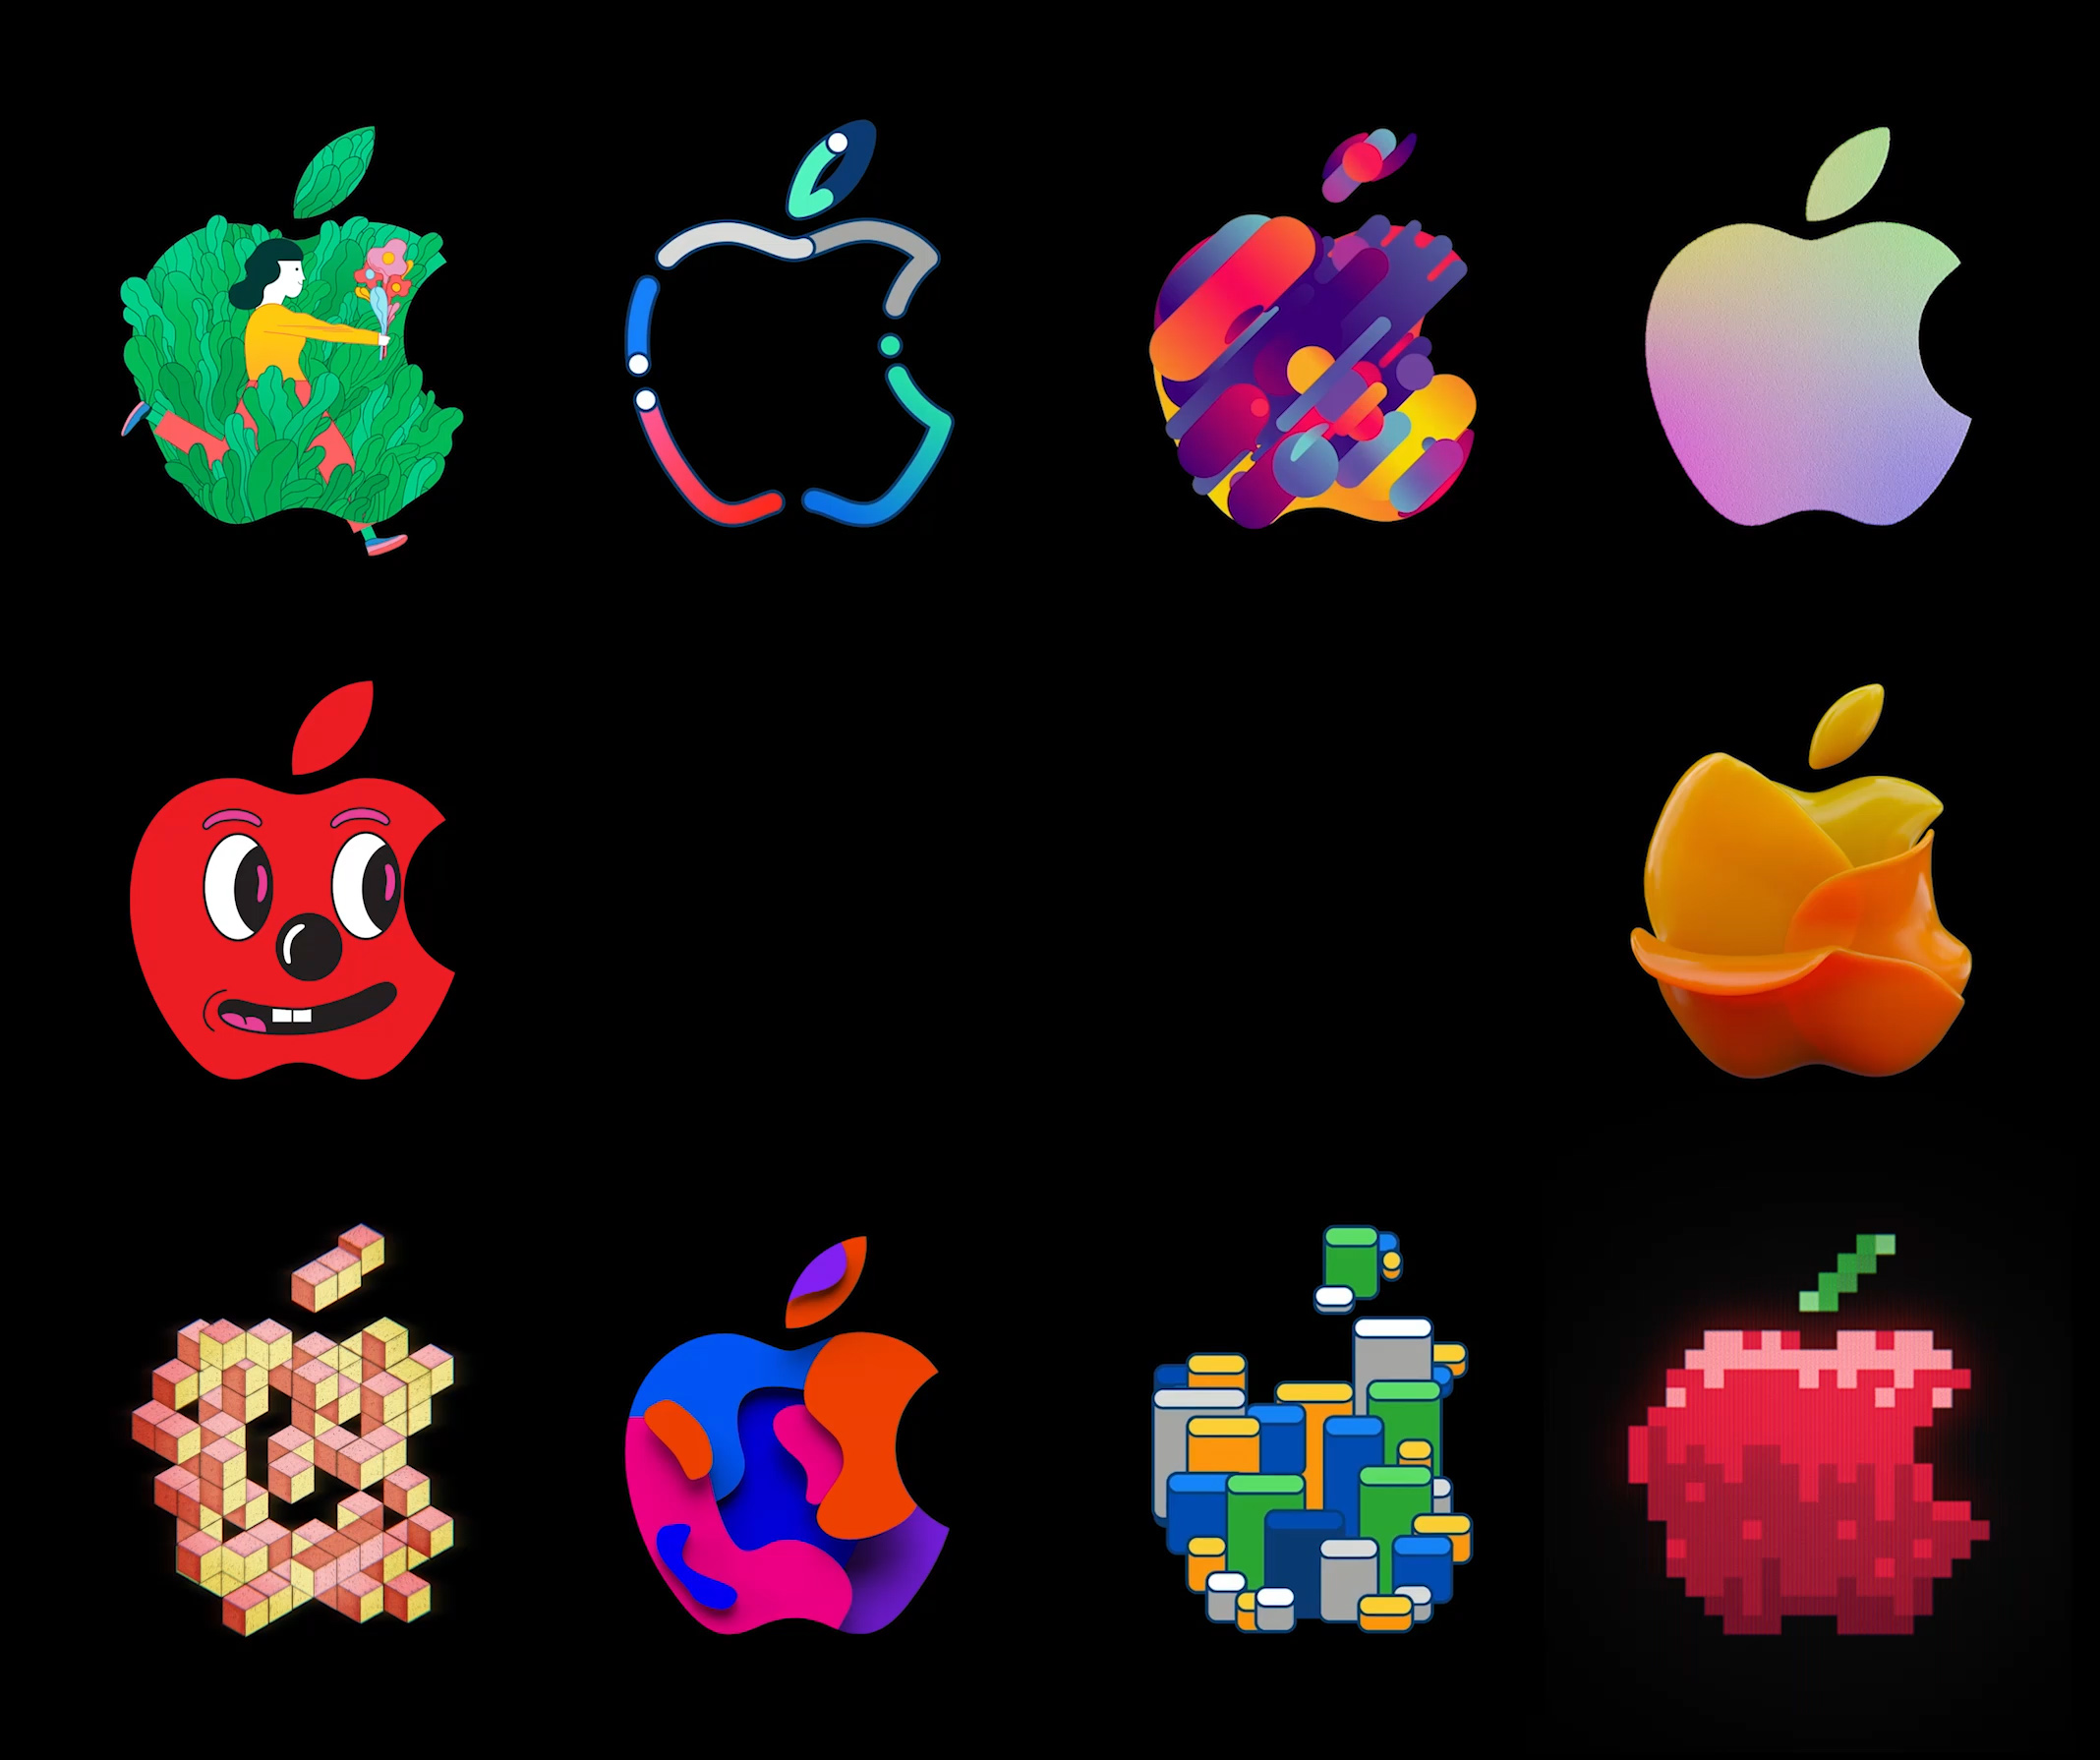 Apple employer branding